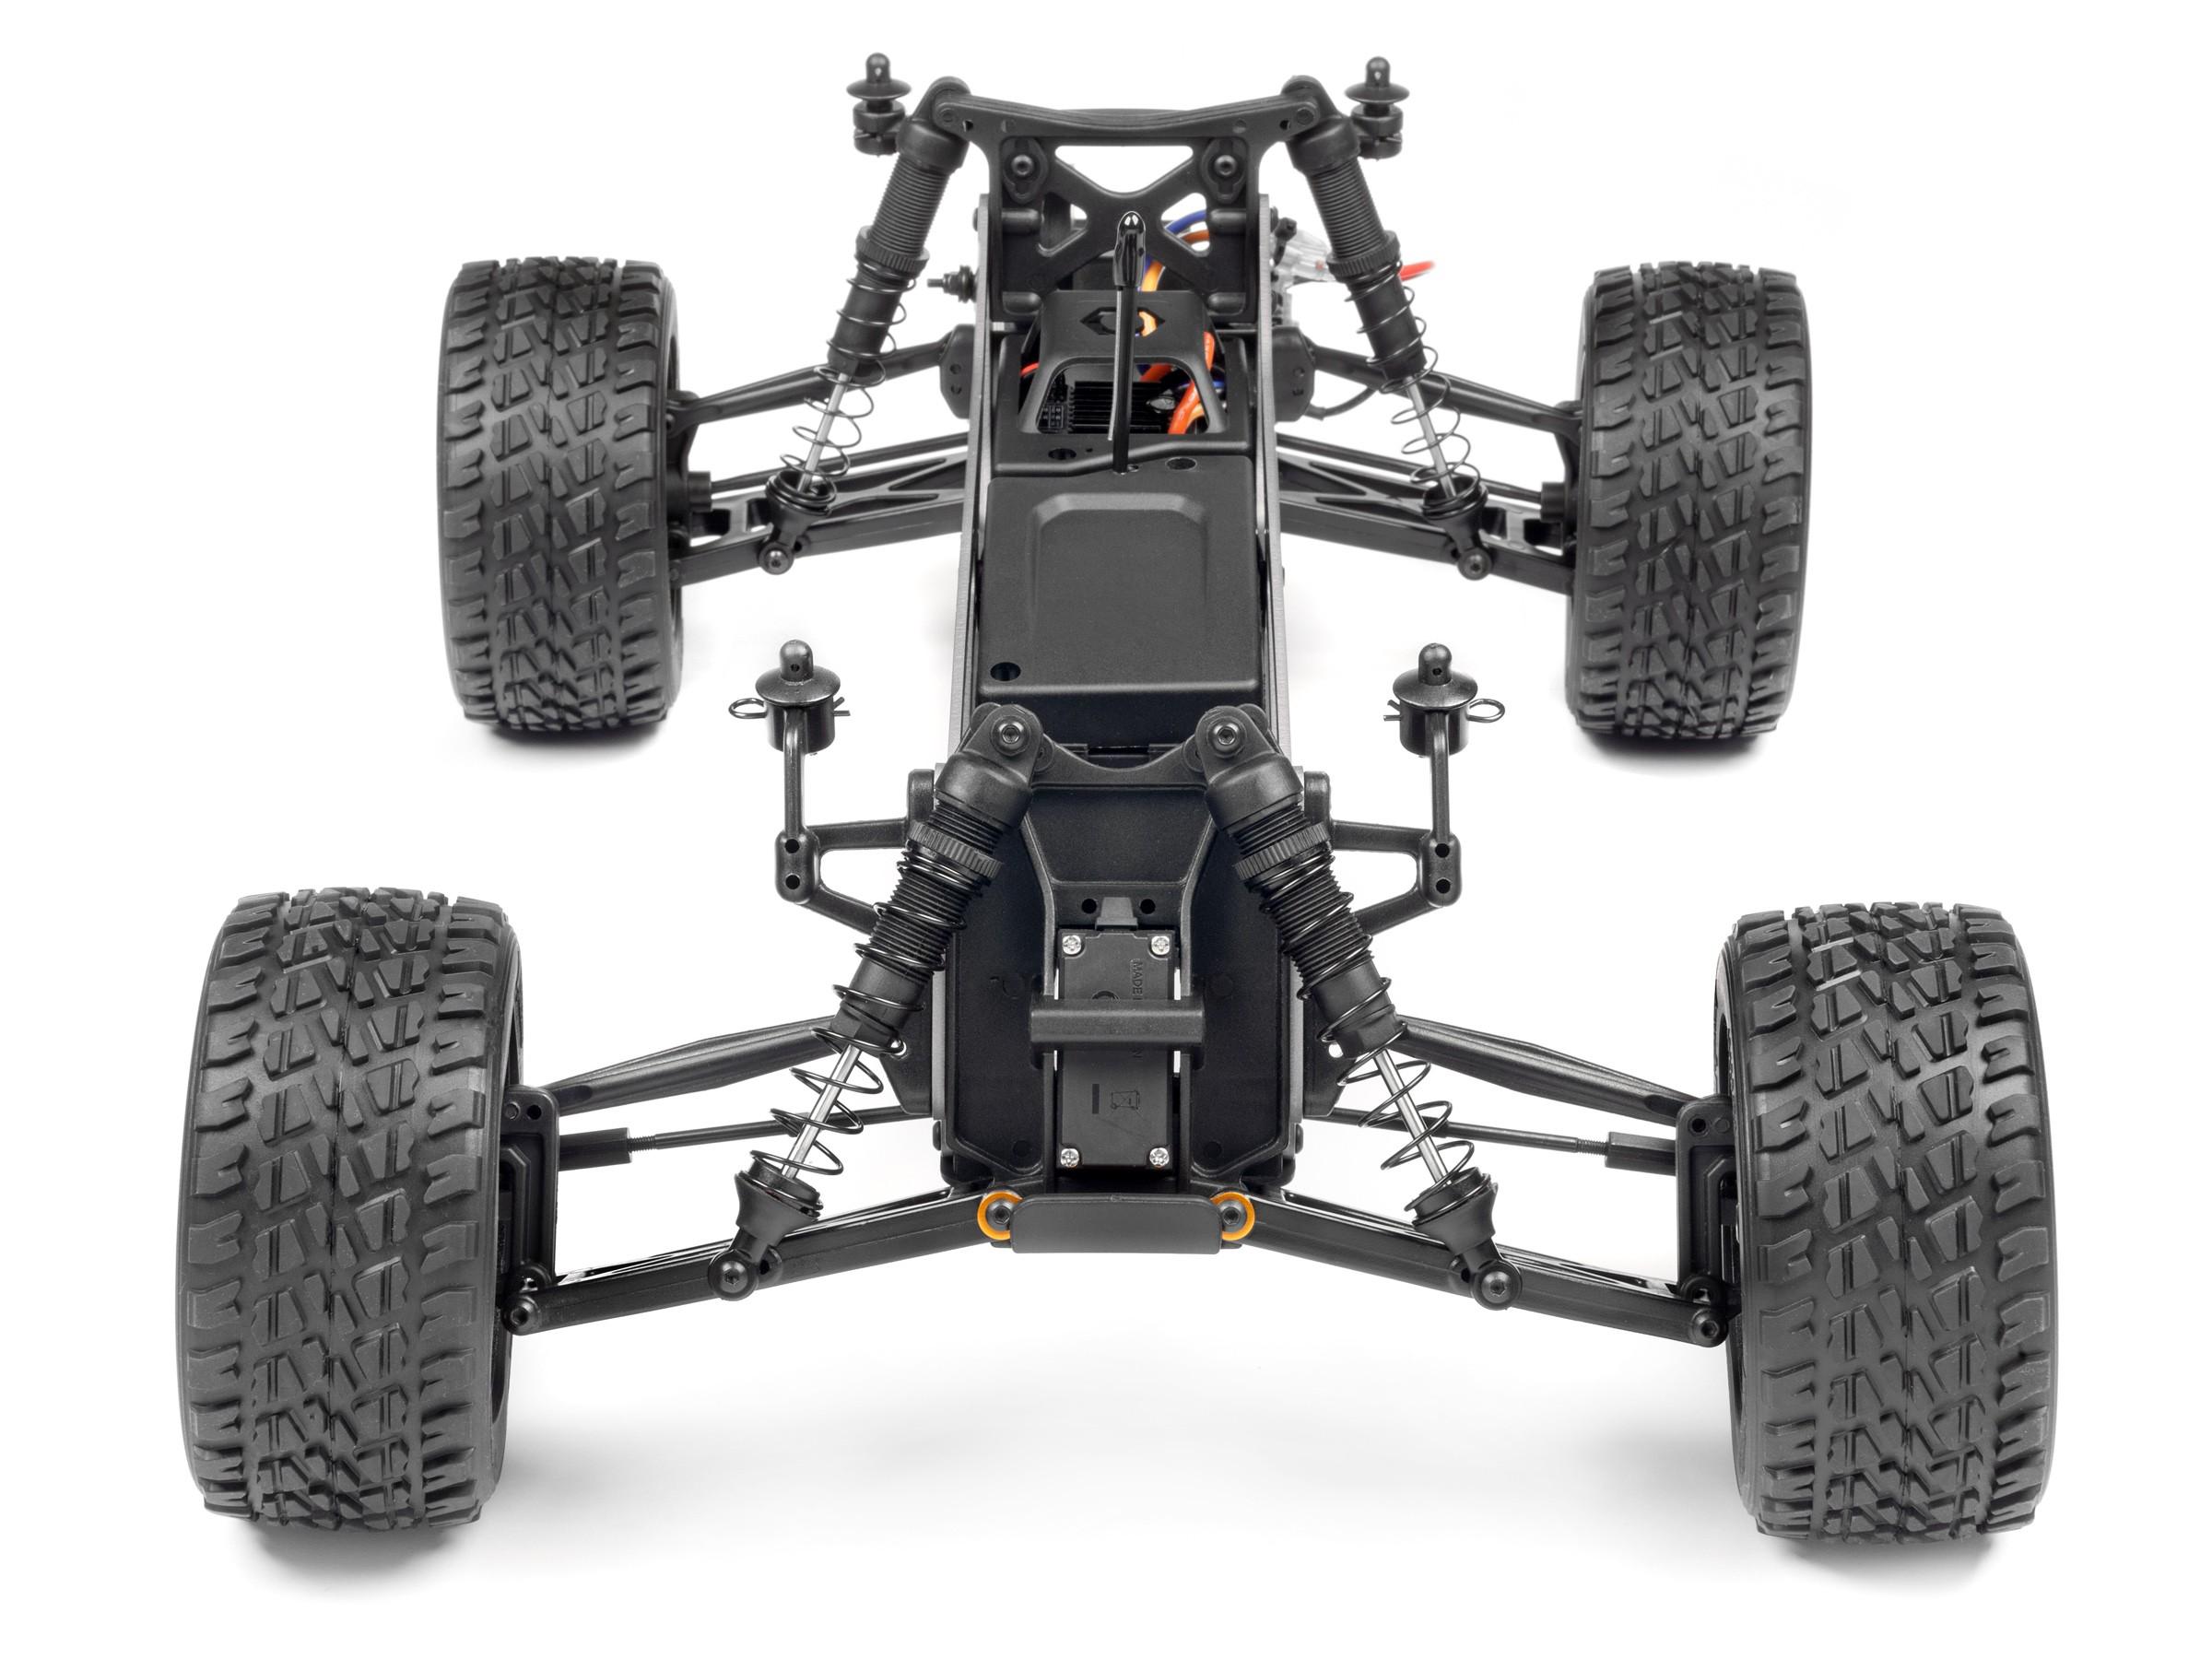 Hpi Jumpshot ST V2 Brushed 2WD RTR 03